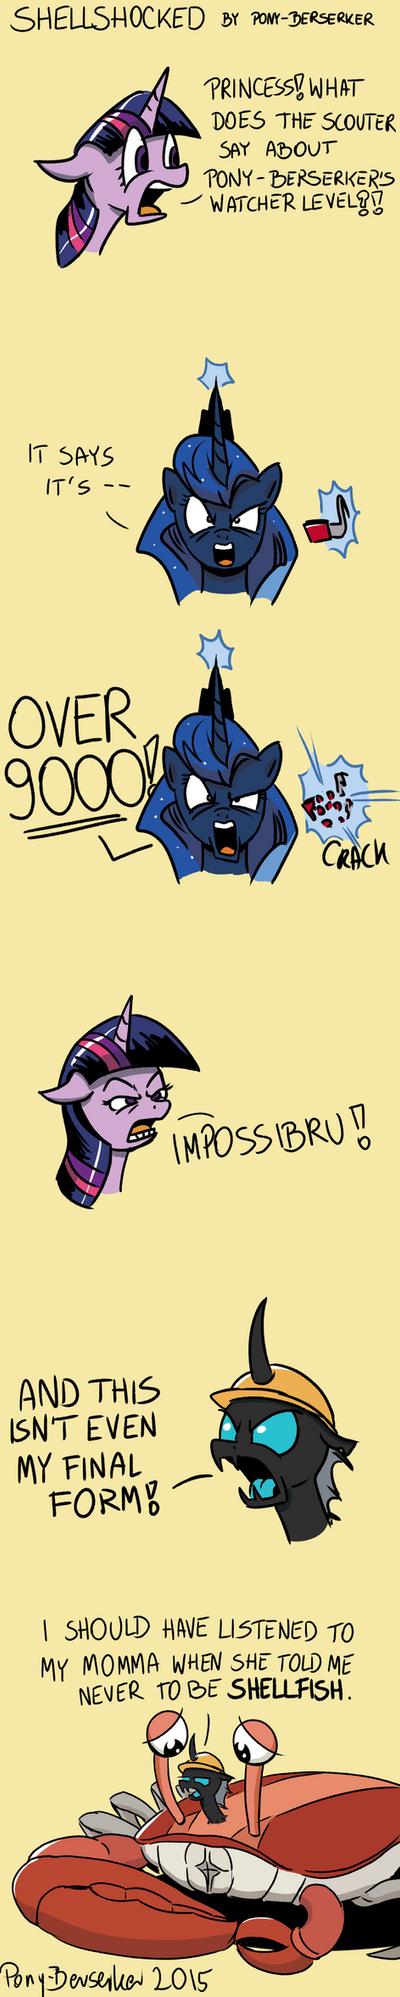 Shellshocked by Pony-Berserker